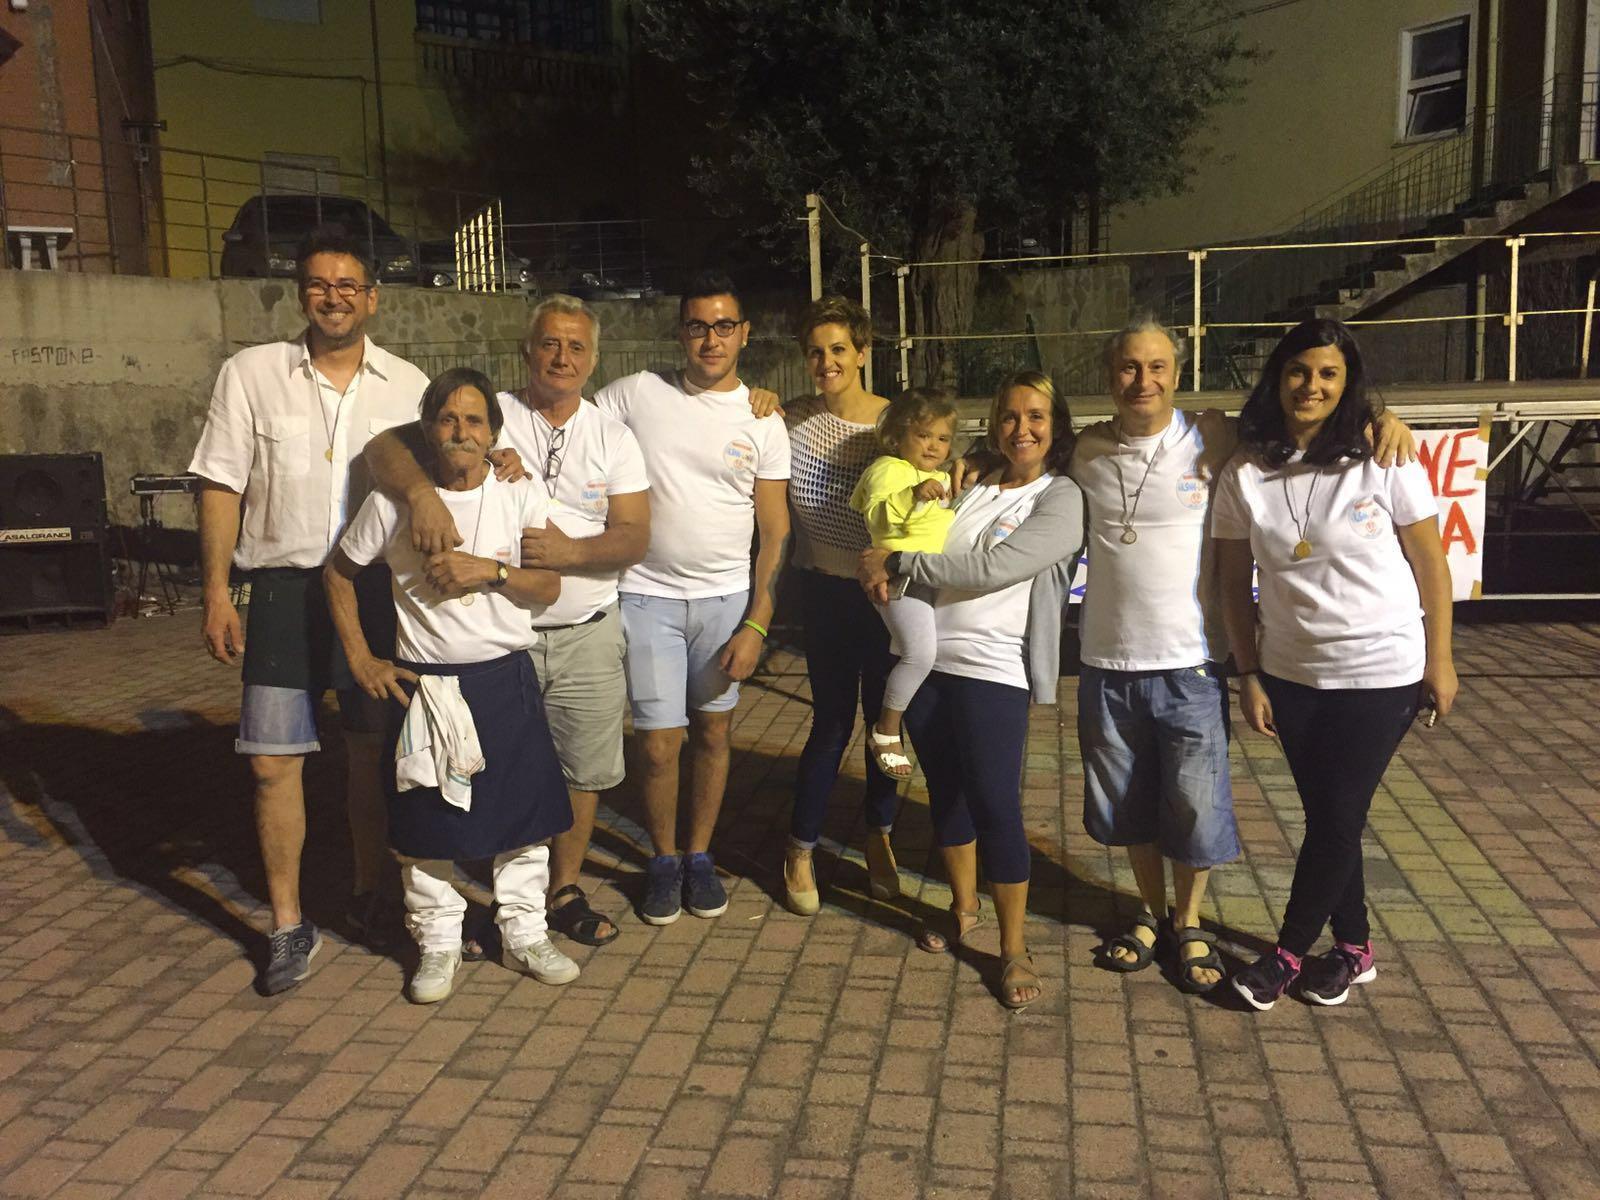 TURSI CALCIO 2008 - ROTONDA CALCIO  0-0*